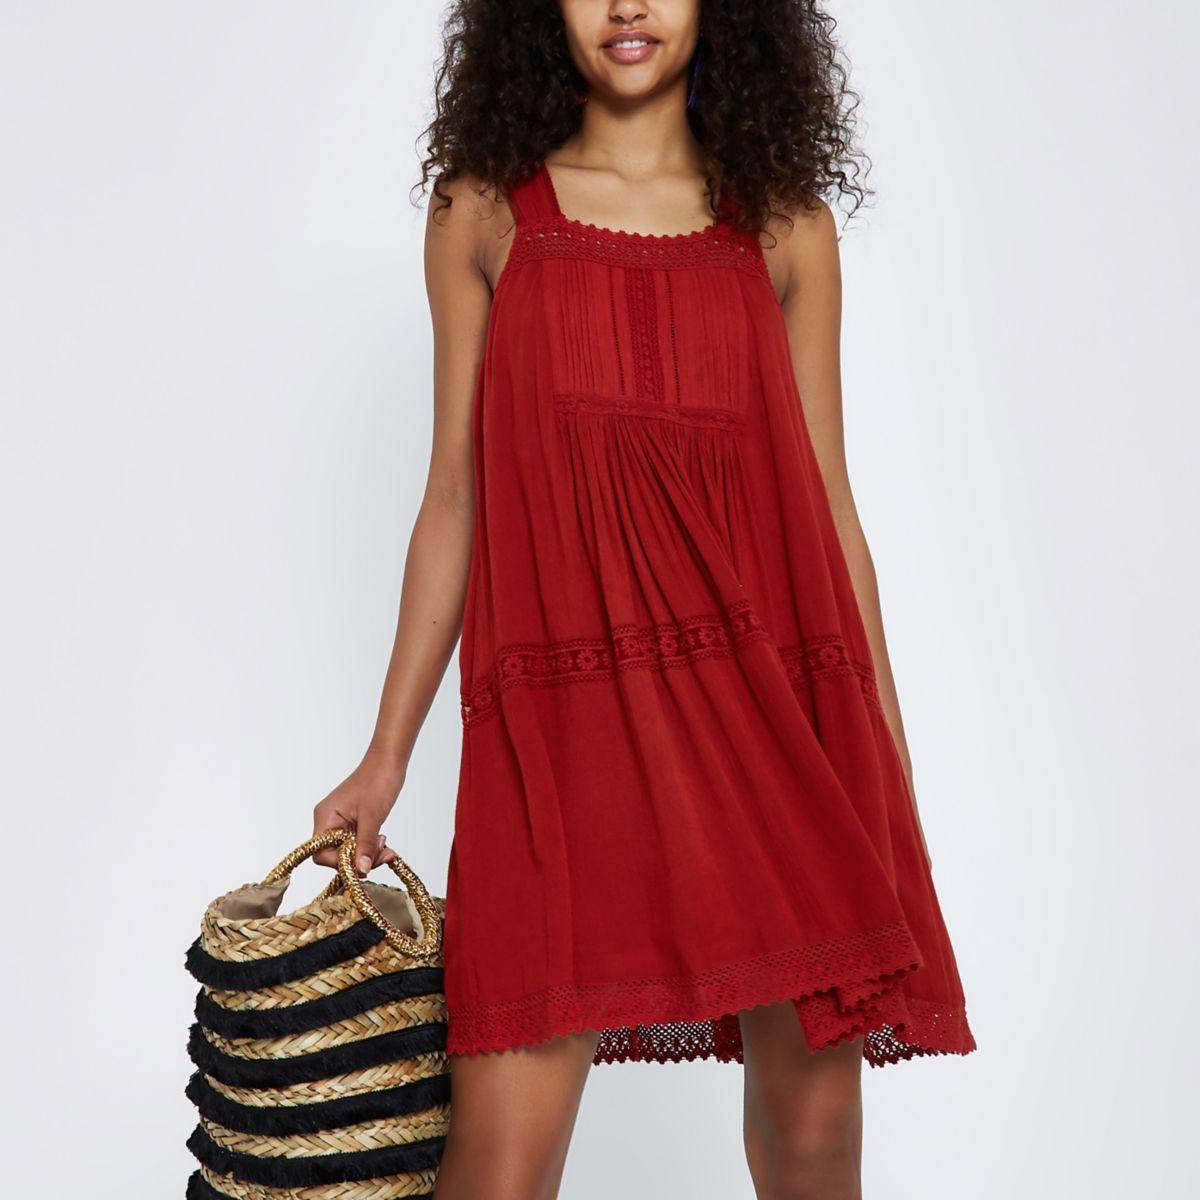 Red lace open back swing dress